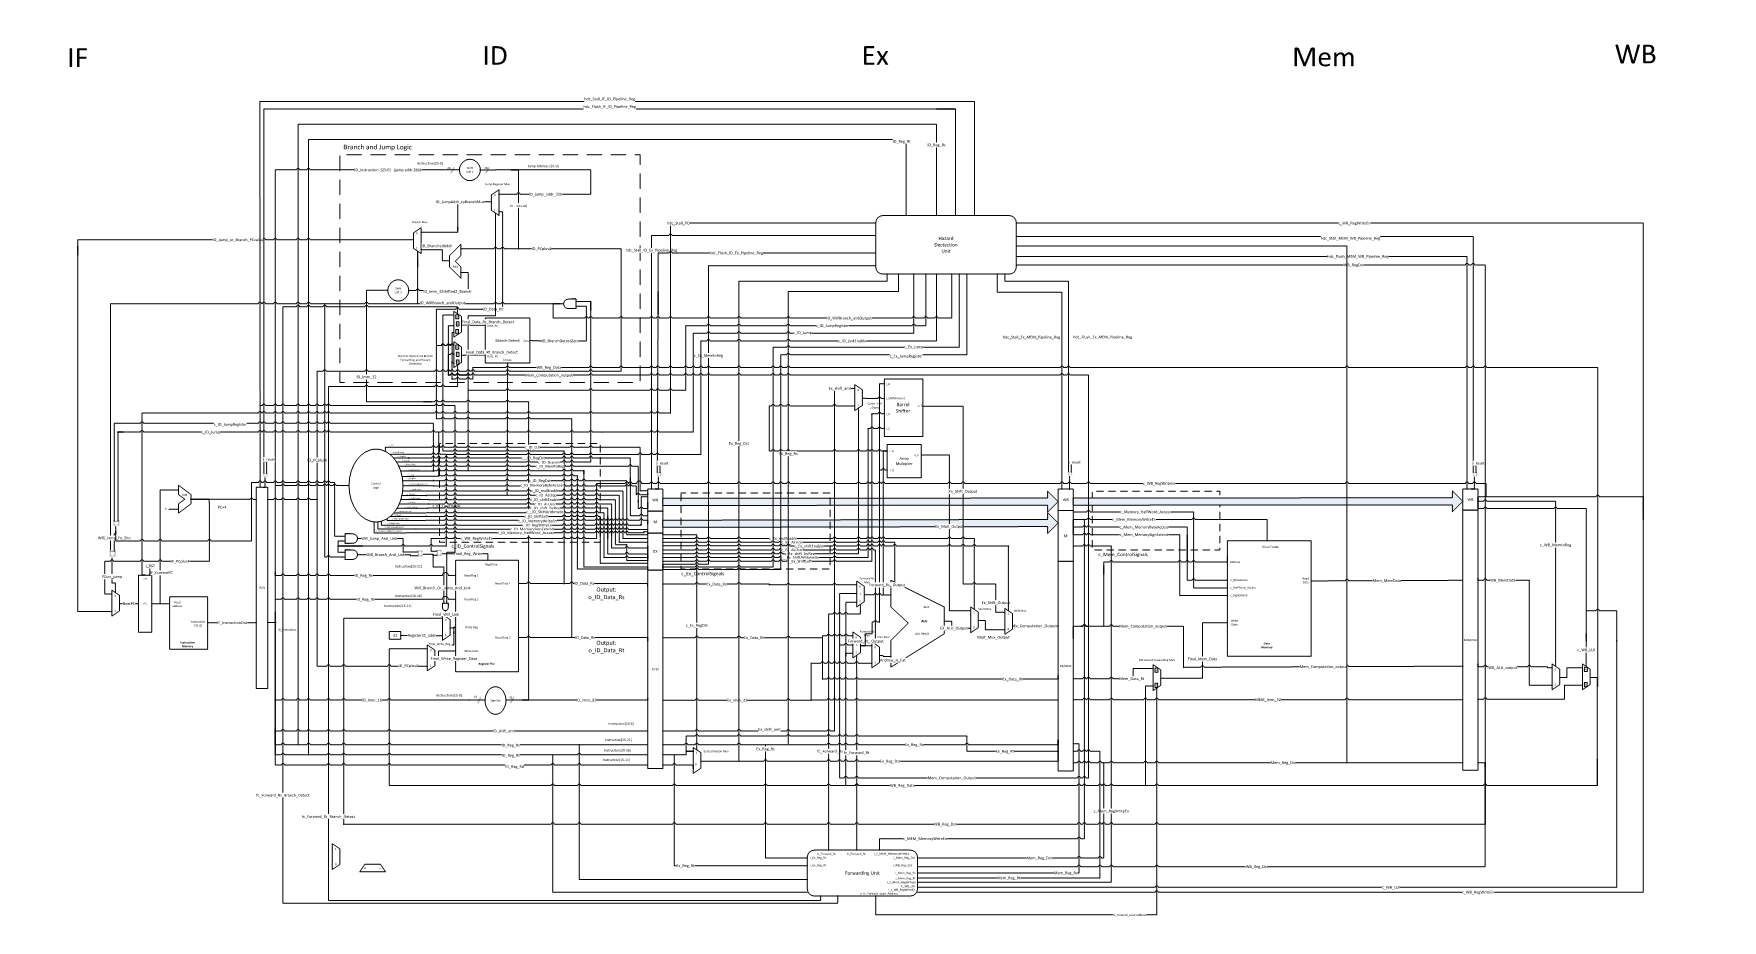 MIPS Processor Architecture